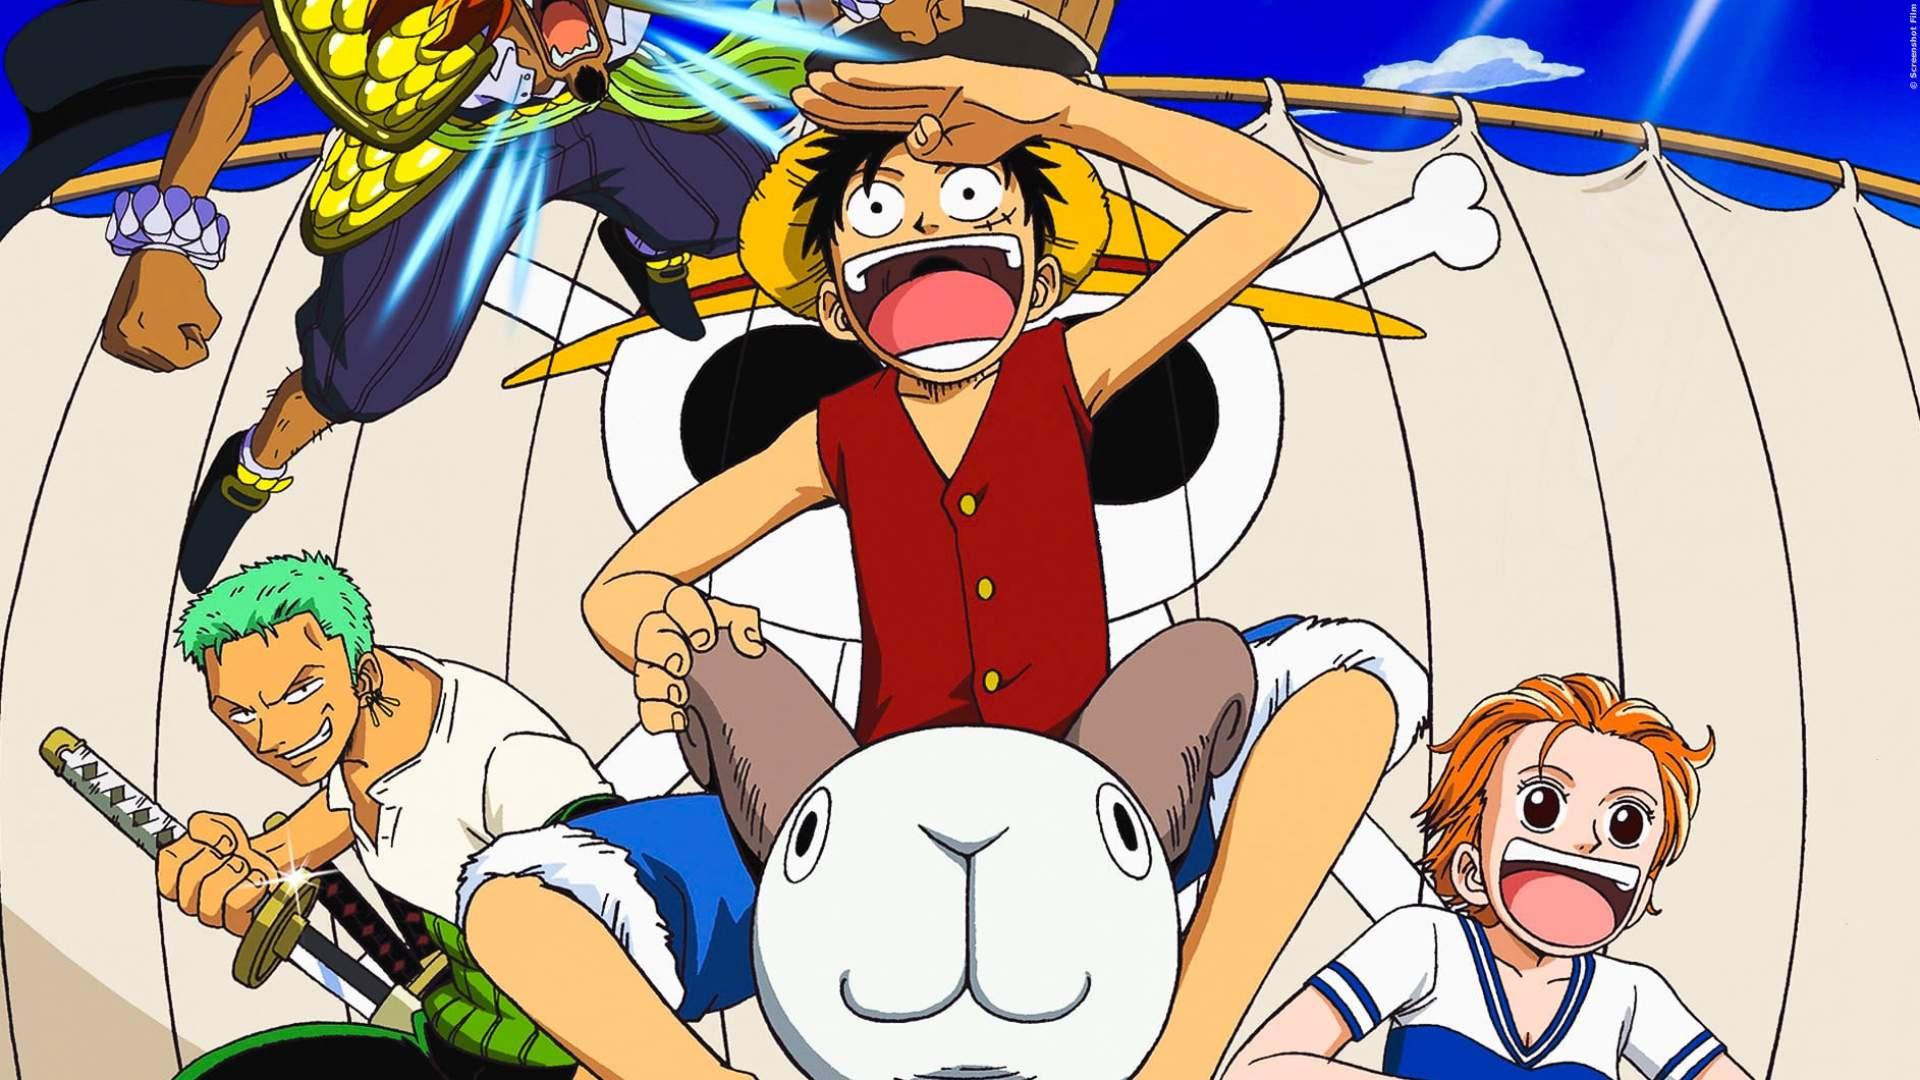 ALLES NEU: Die Figuren im 'One Piece'-Kinofilm sehen ganz anders aus